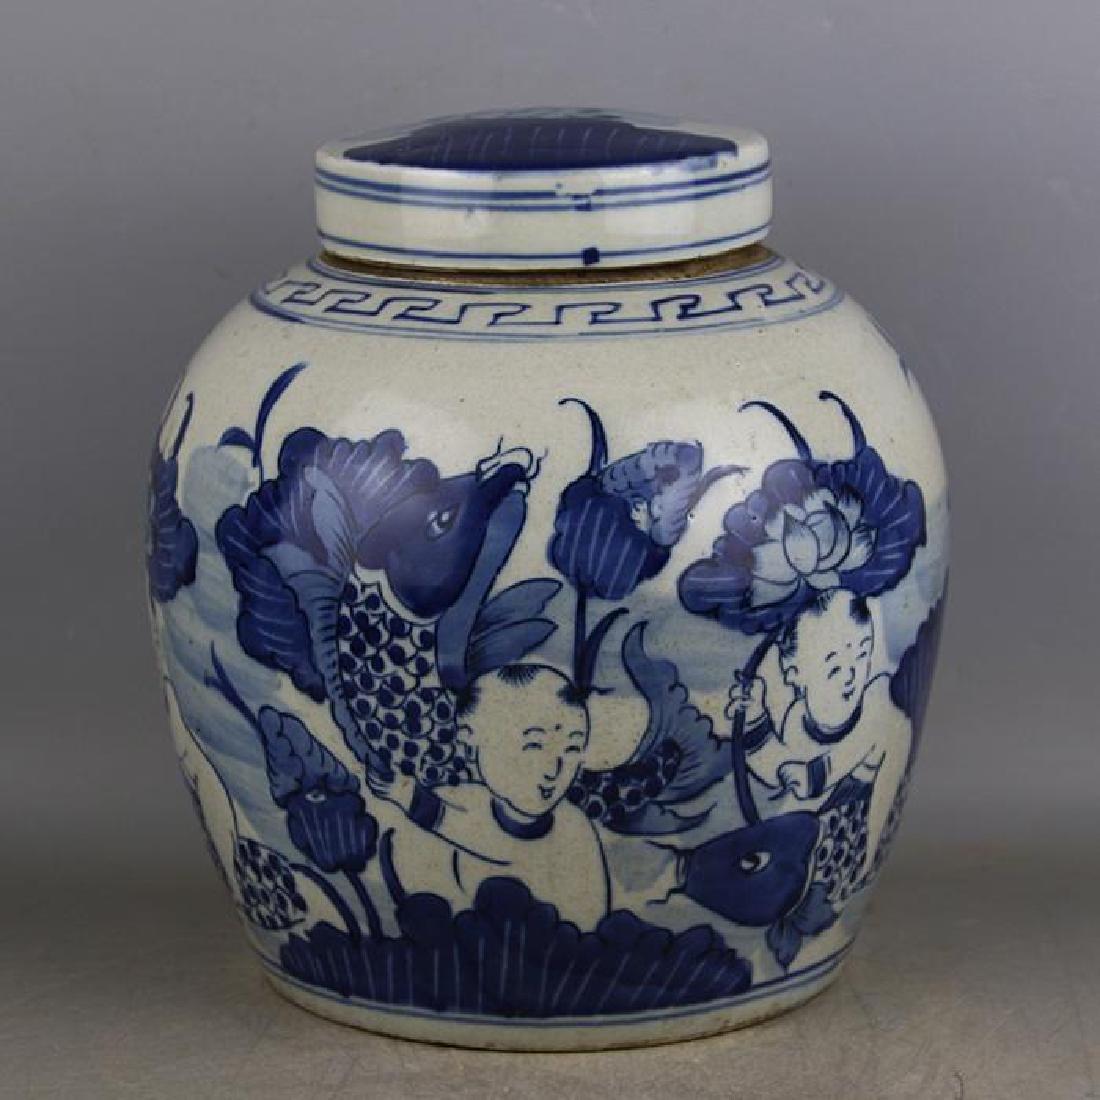 Chinese Qing Dynasty Blue & White Glazed Porcelain Ewer